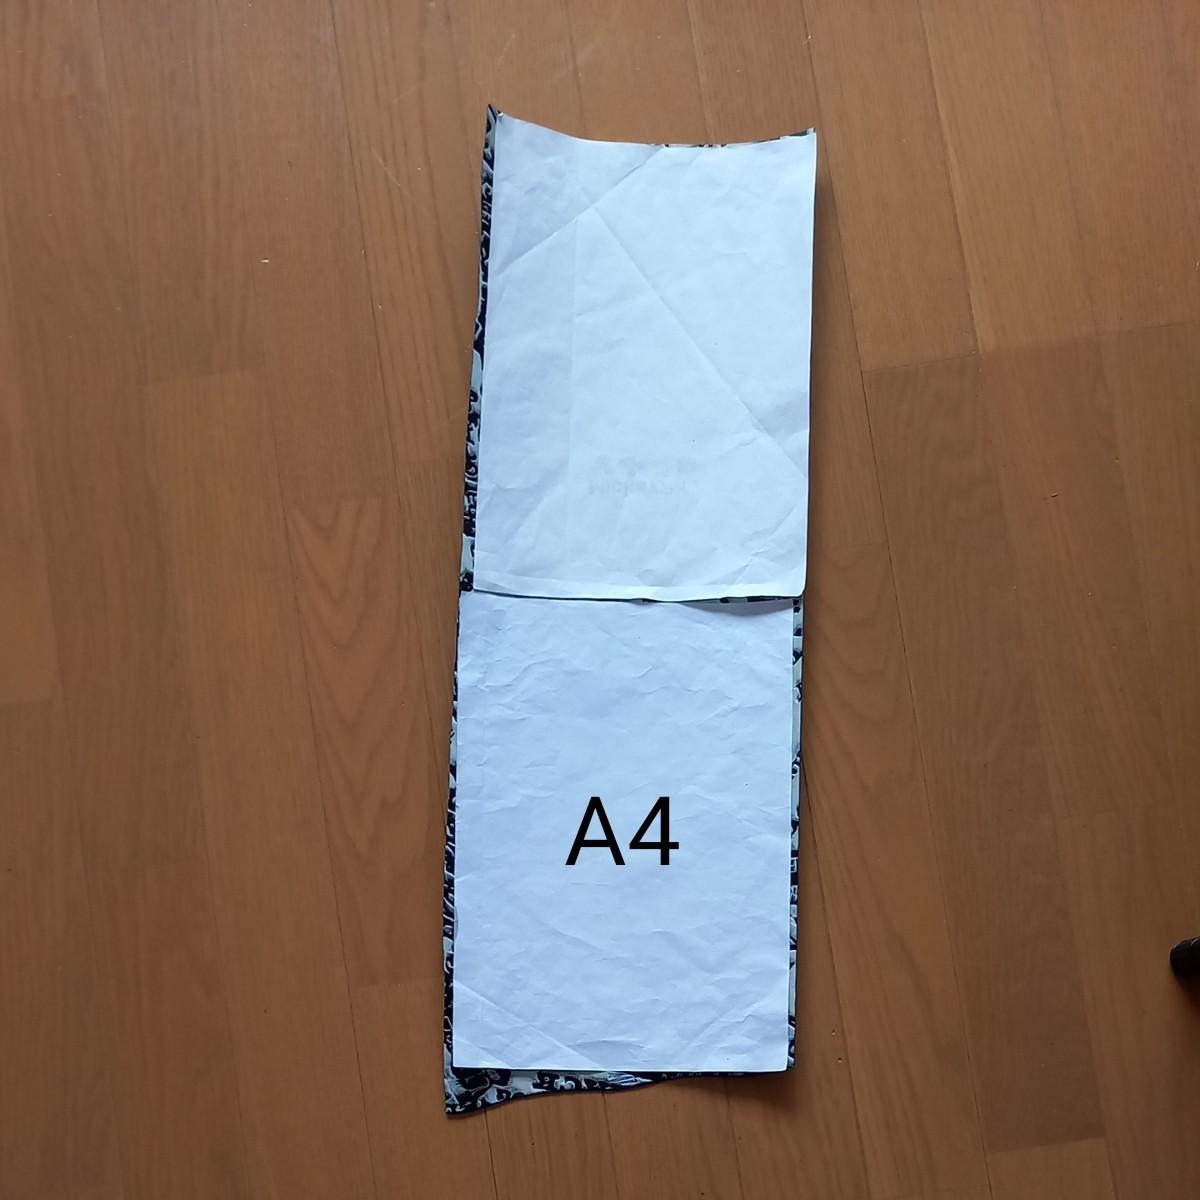 革ハギレ 英字型押し ブラックホワイト レザークラフト